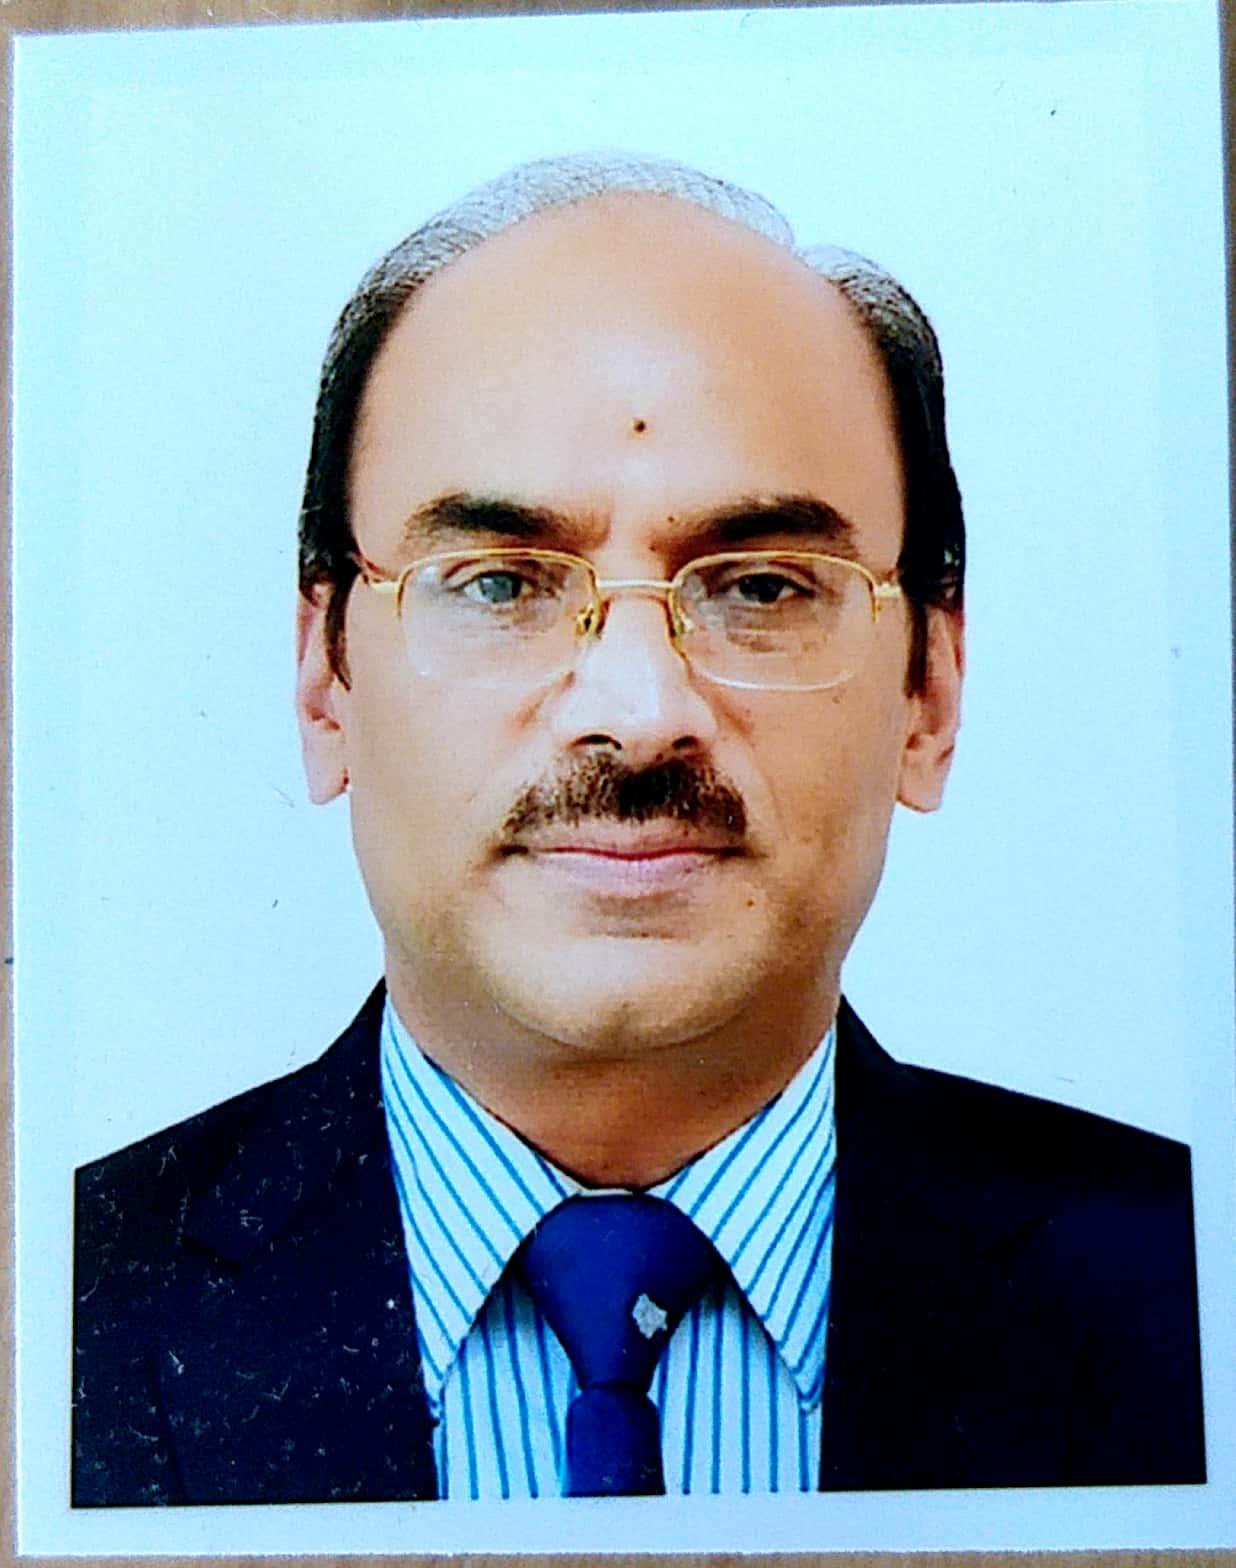 श्री आर.डी. धीमान